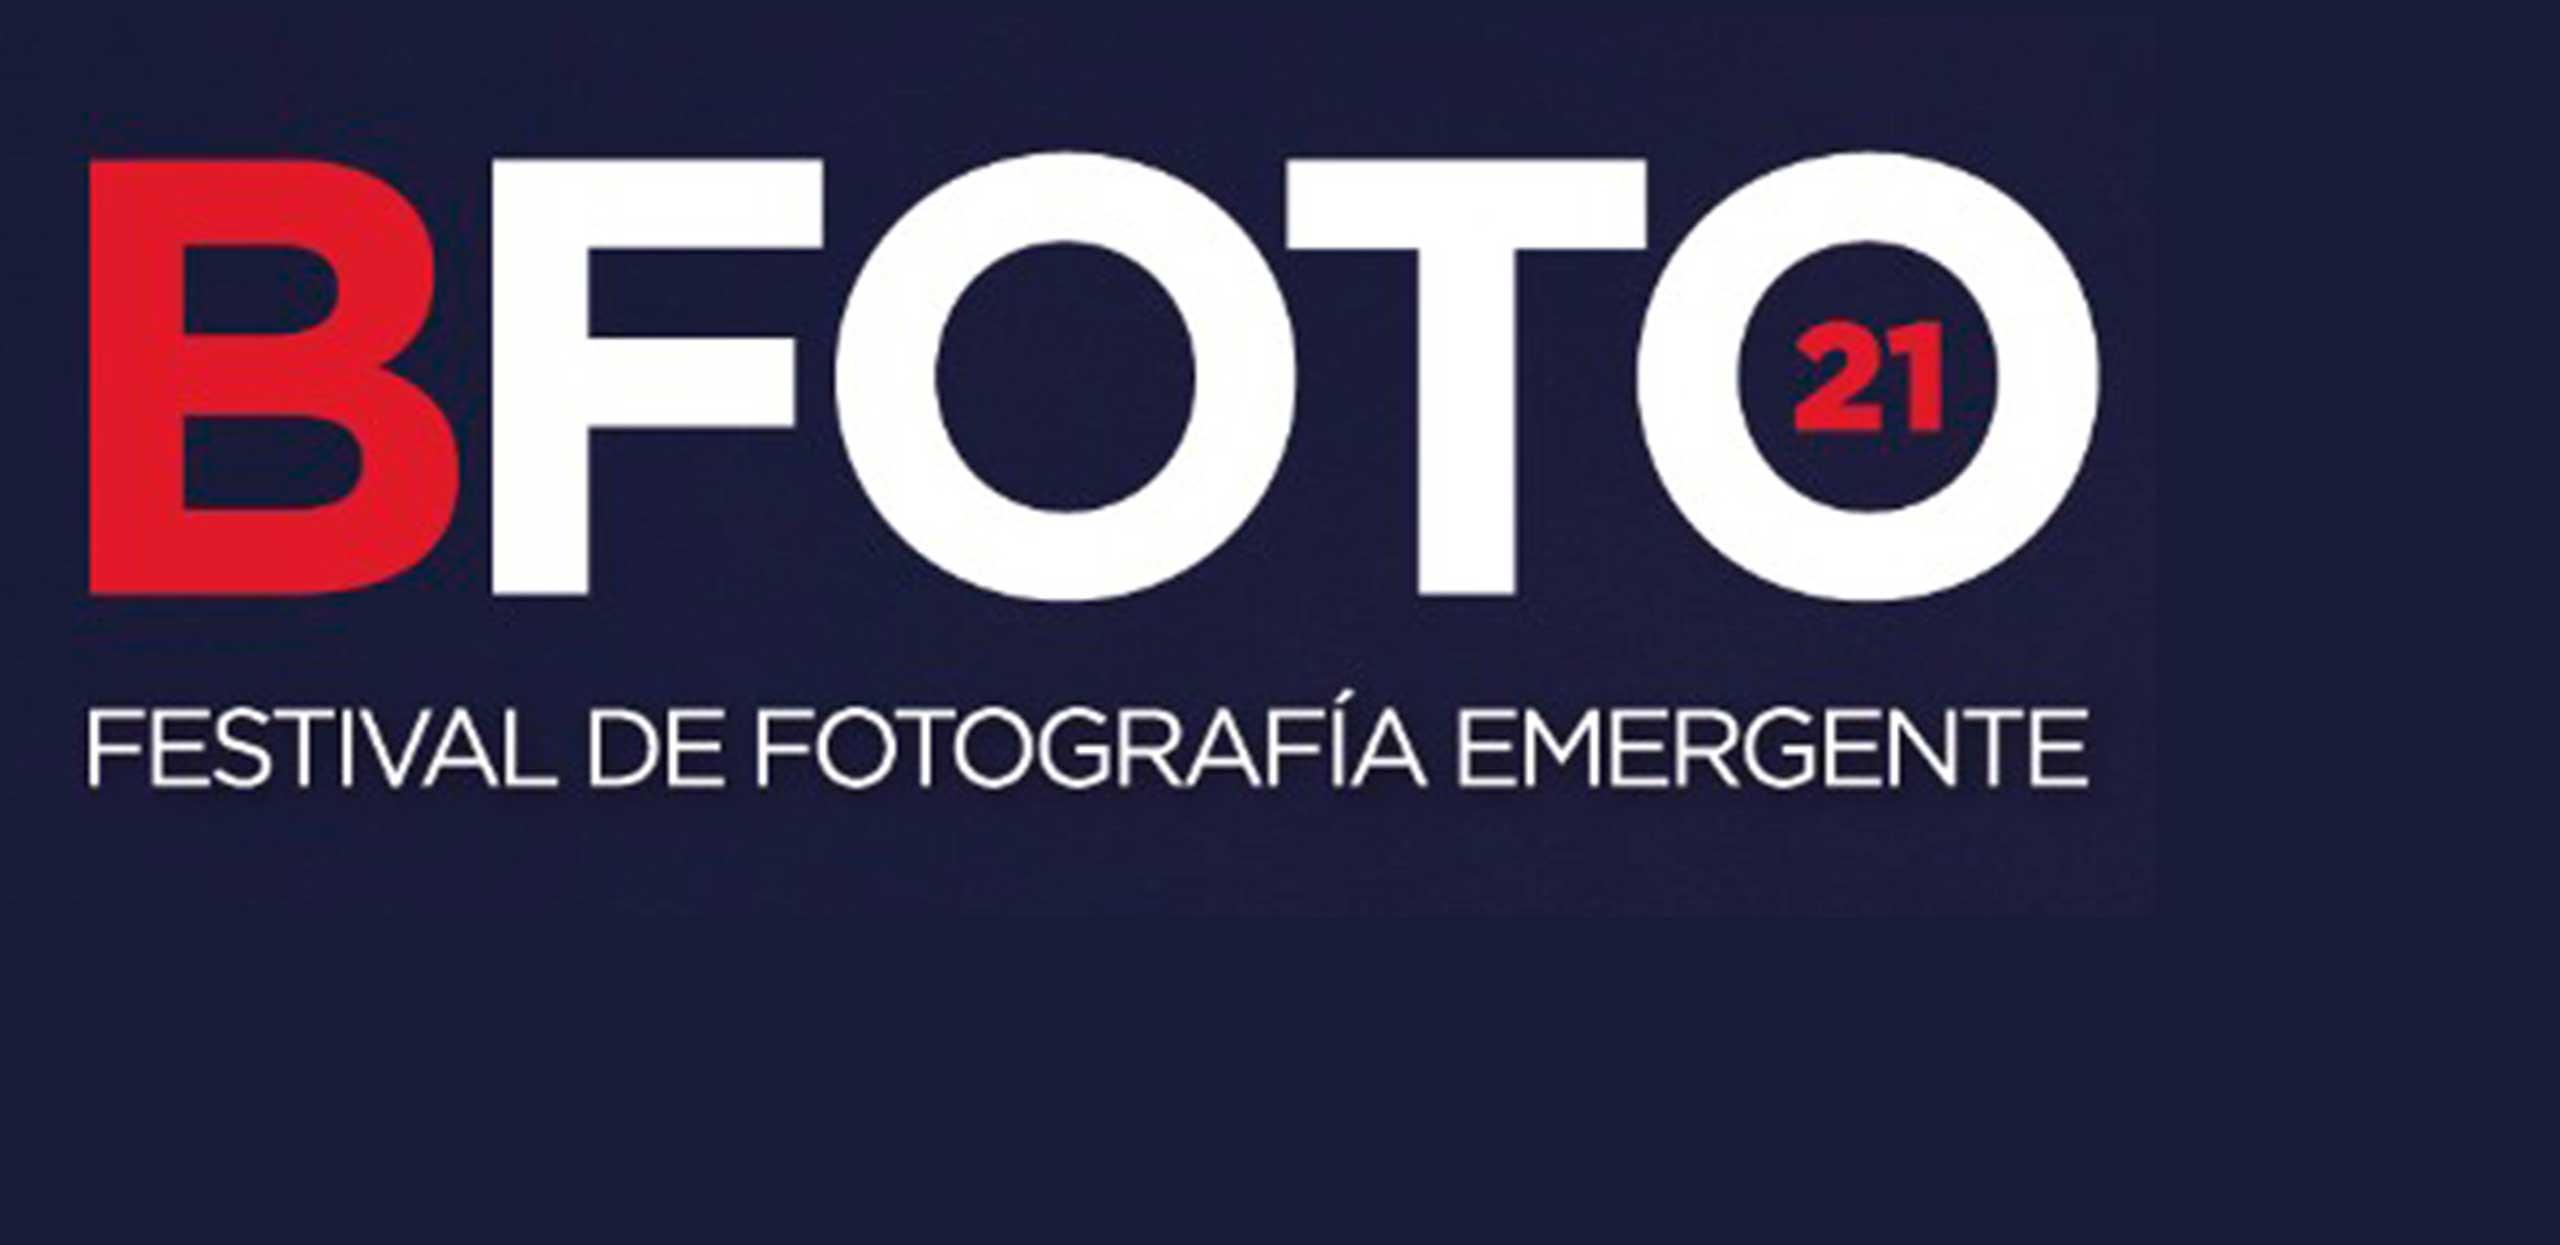 Imagen BFOTO 21